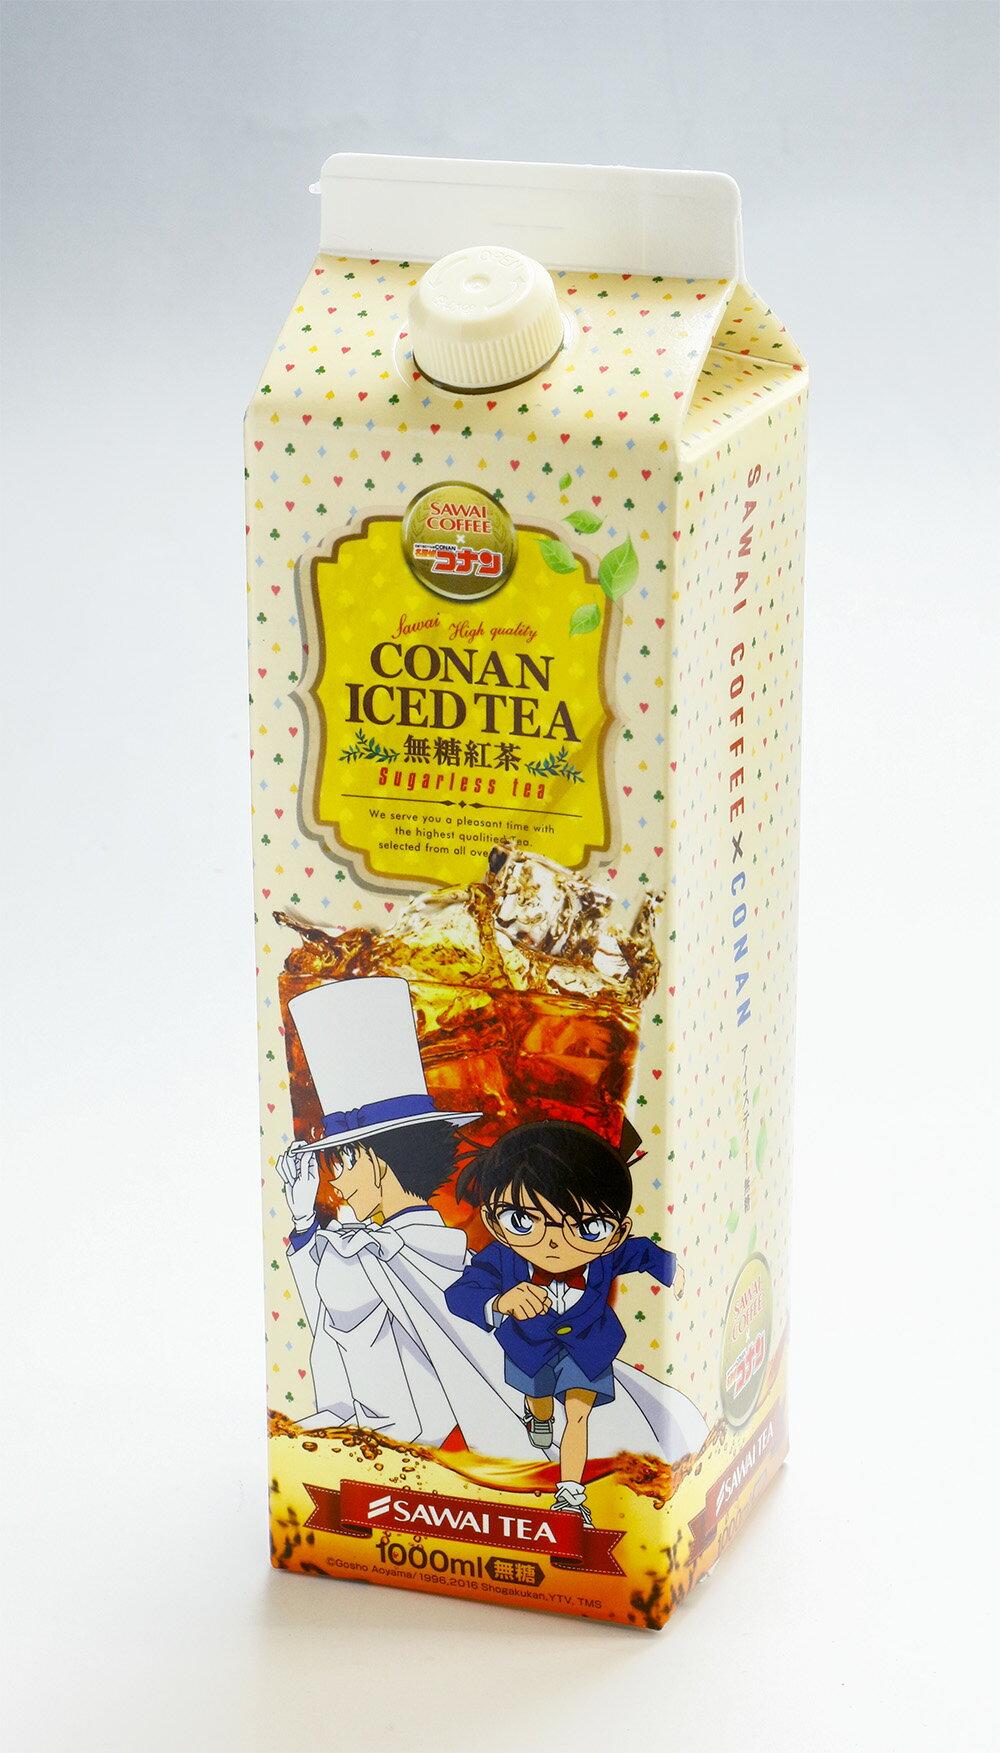 澤井咖啡 柯南系列 加糖紅茶.無糖紅茶.無糖咖啡 1